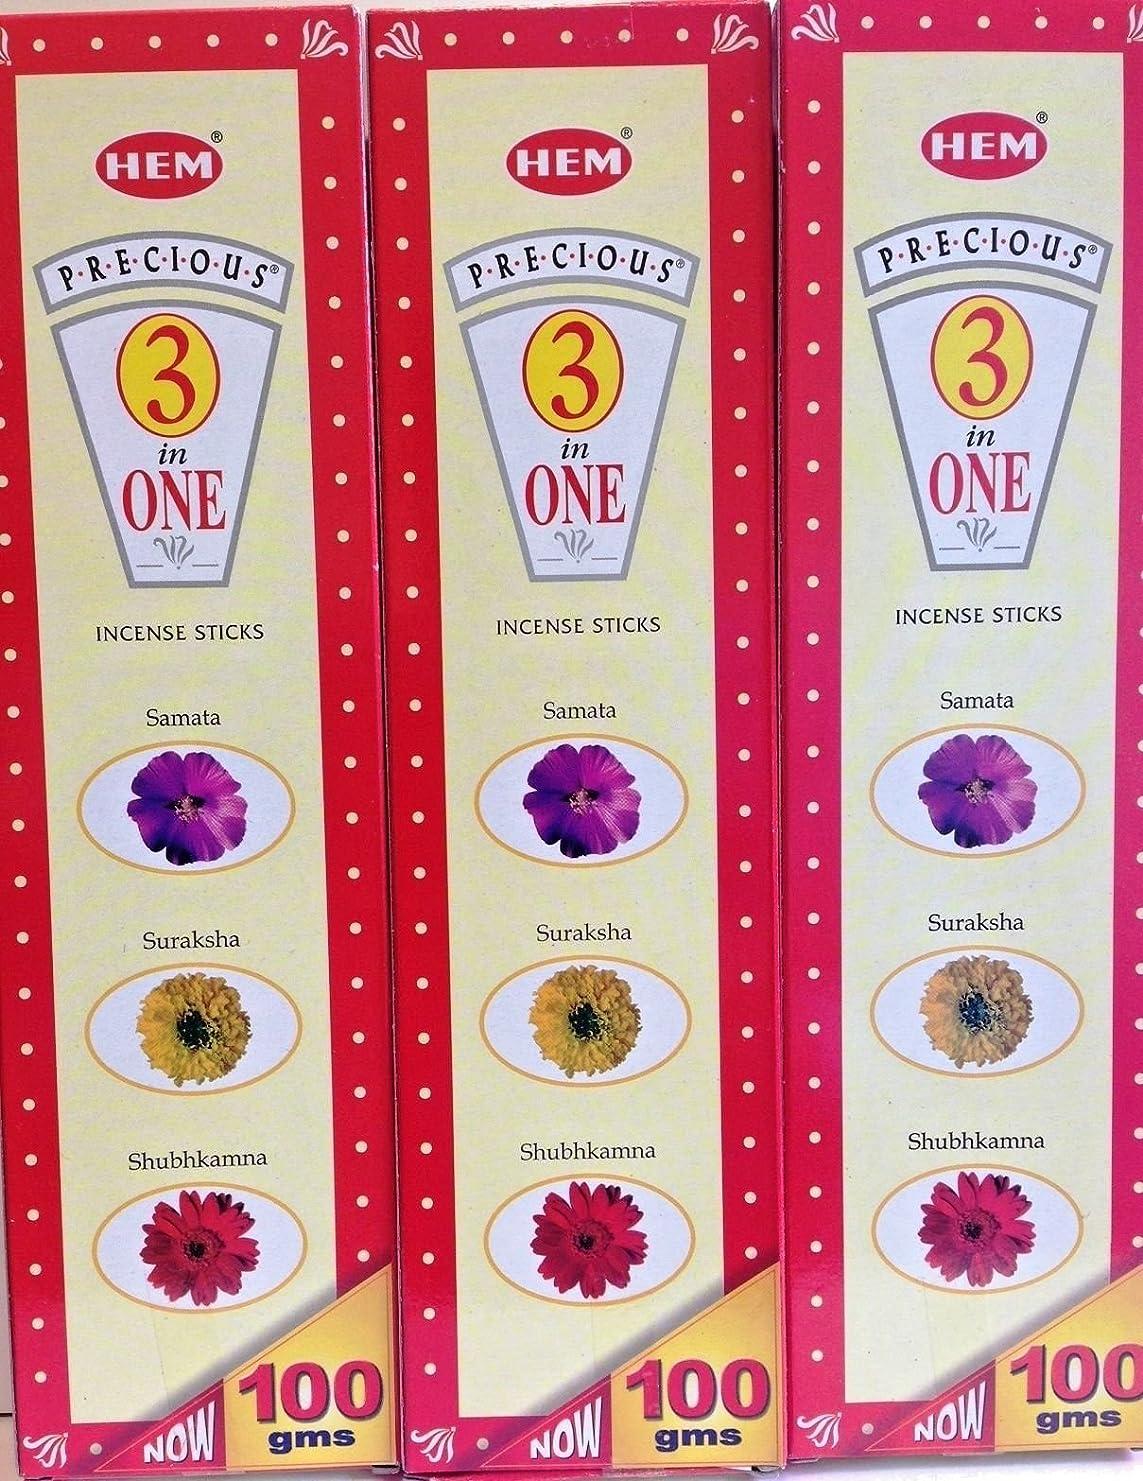 動く不規則性検索エンジン最適化Hem Precious 3?in 1?Incense Sticks 100?g x 3パック( 75?sticks per pack x 3?)